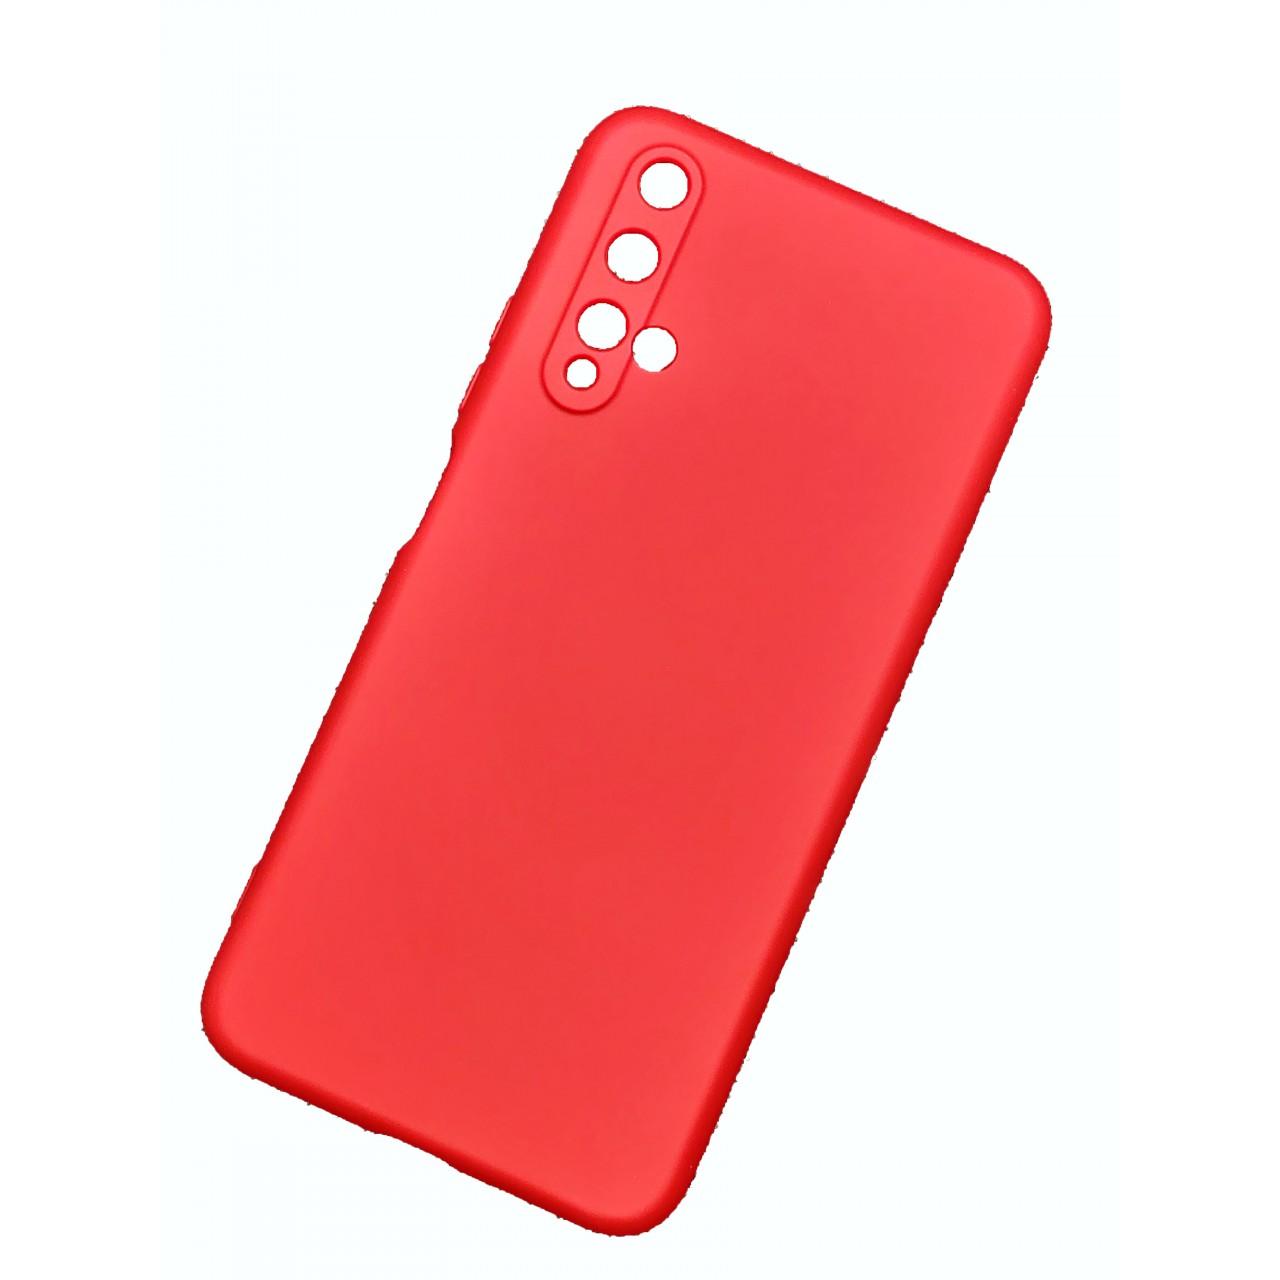 ΘΗΚΗ ΠΡΟΣΤΑΣΙΑΣ ΣΙΛΙΚΟΝΗΣ ΓΙΑ HUAWEI NOVA 5T - ΚΟΚΚΙΝΗ - BACK COVER SILICONE CASE RED - OEM